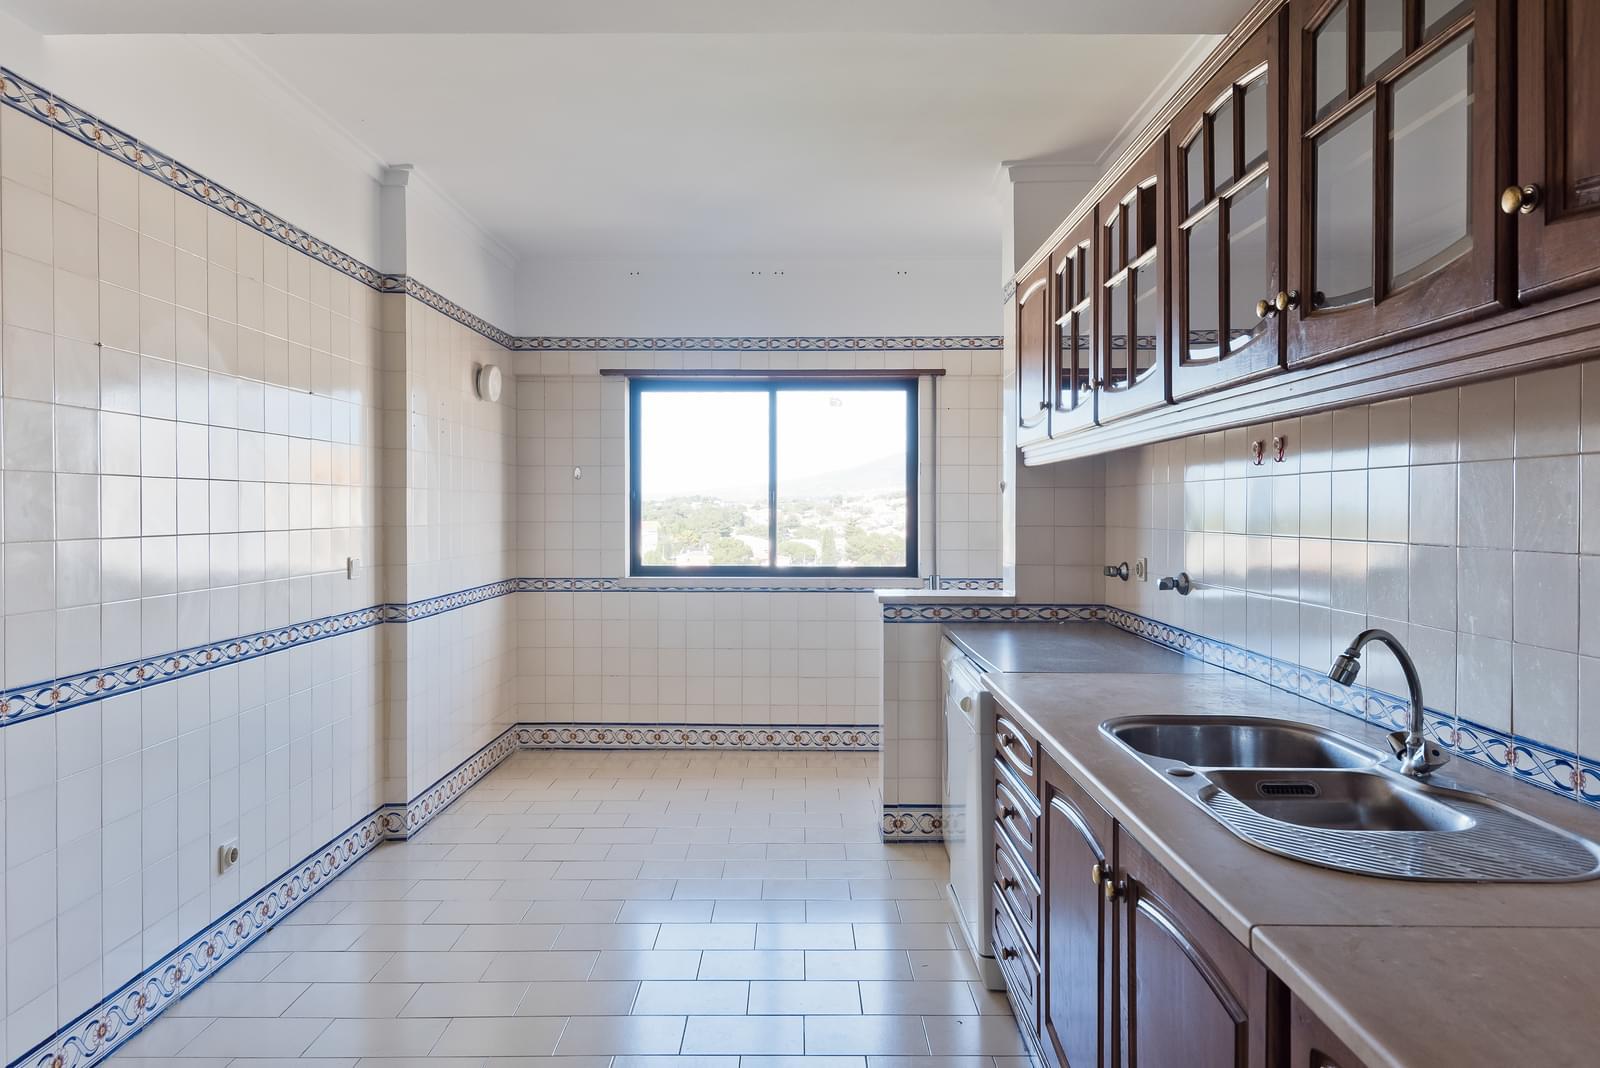 pf18730-apartamento-t2-cascais-9d427cba-c0e2-43e2-ac65-d896ecef58ec